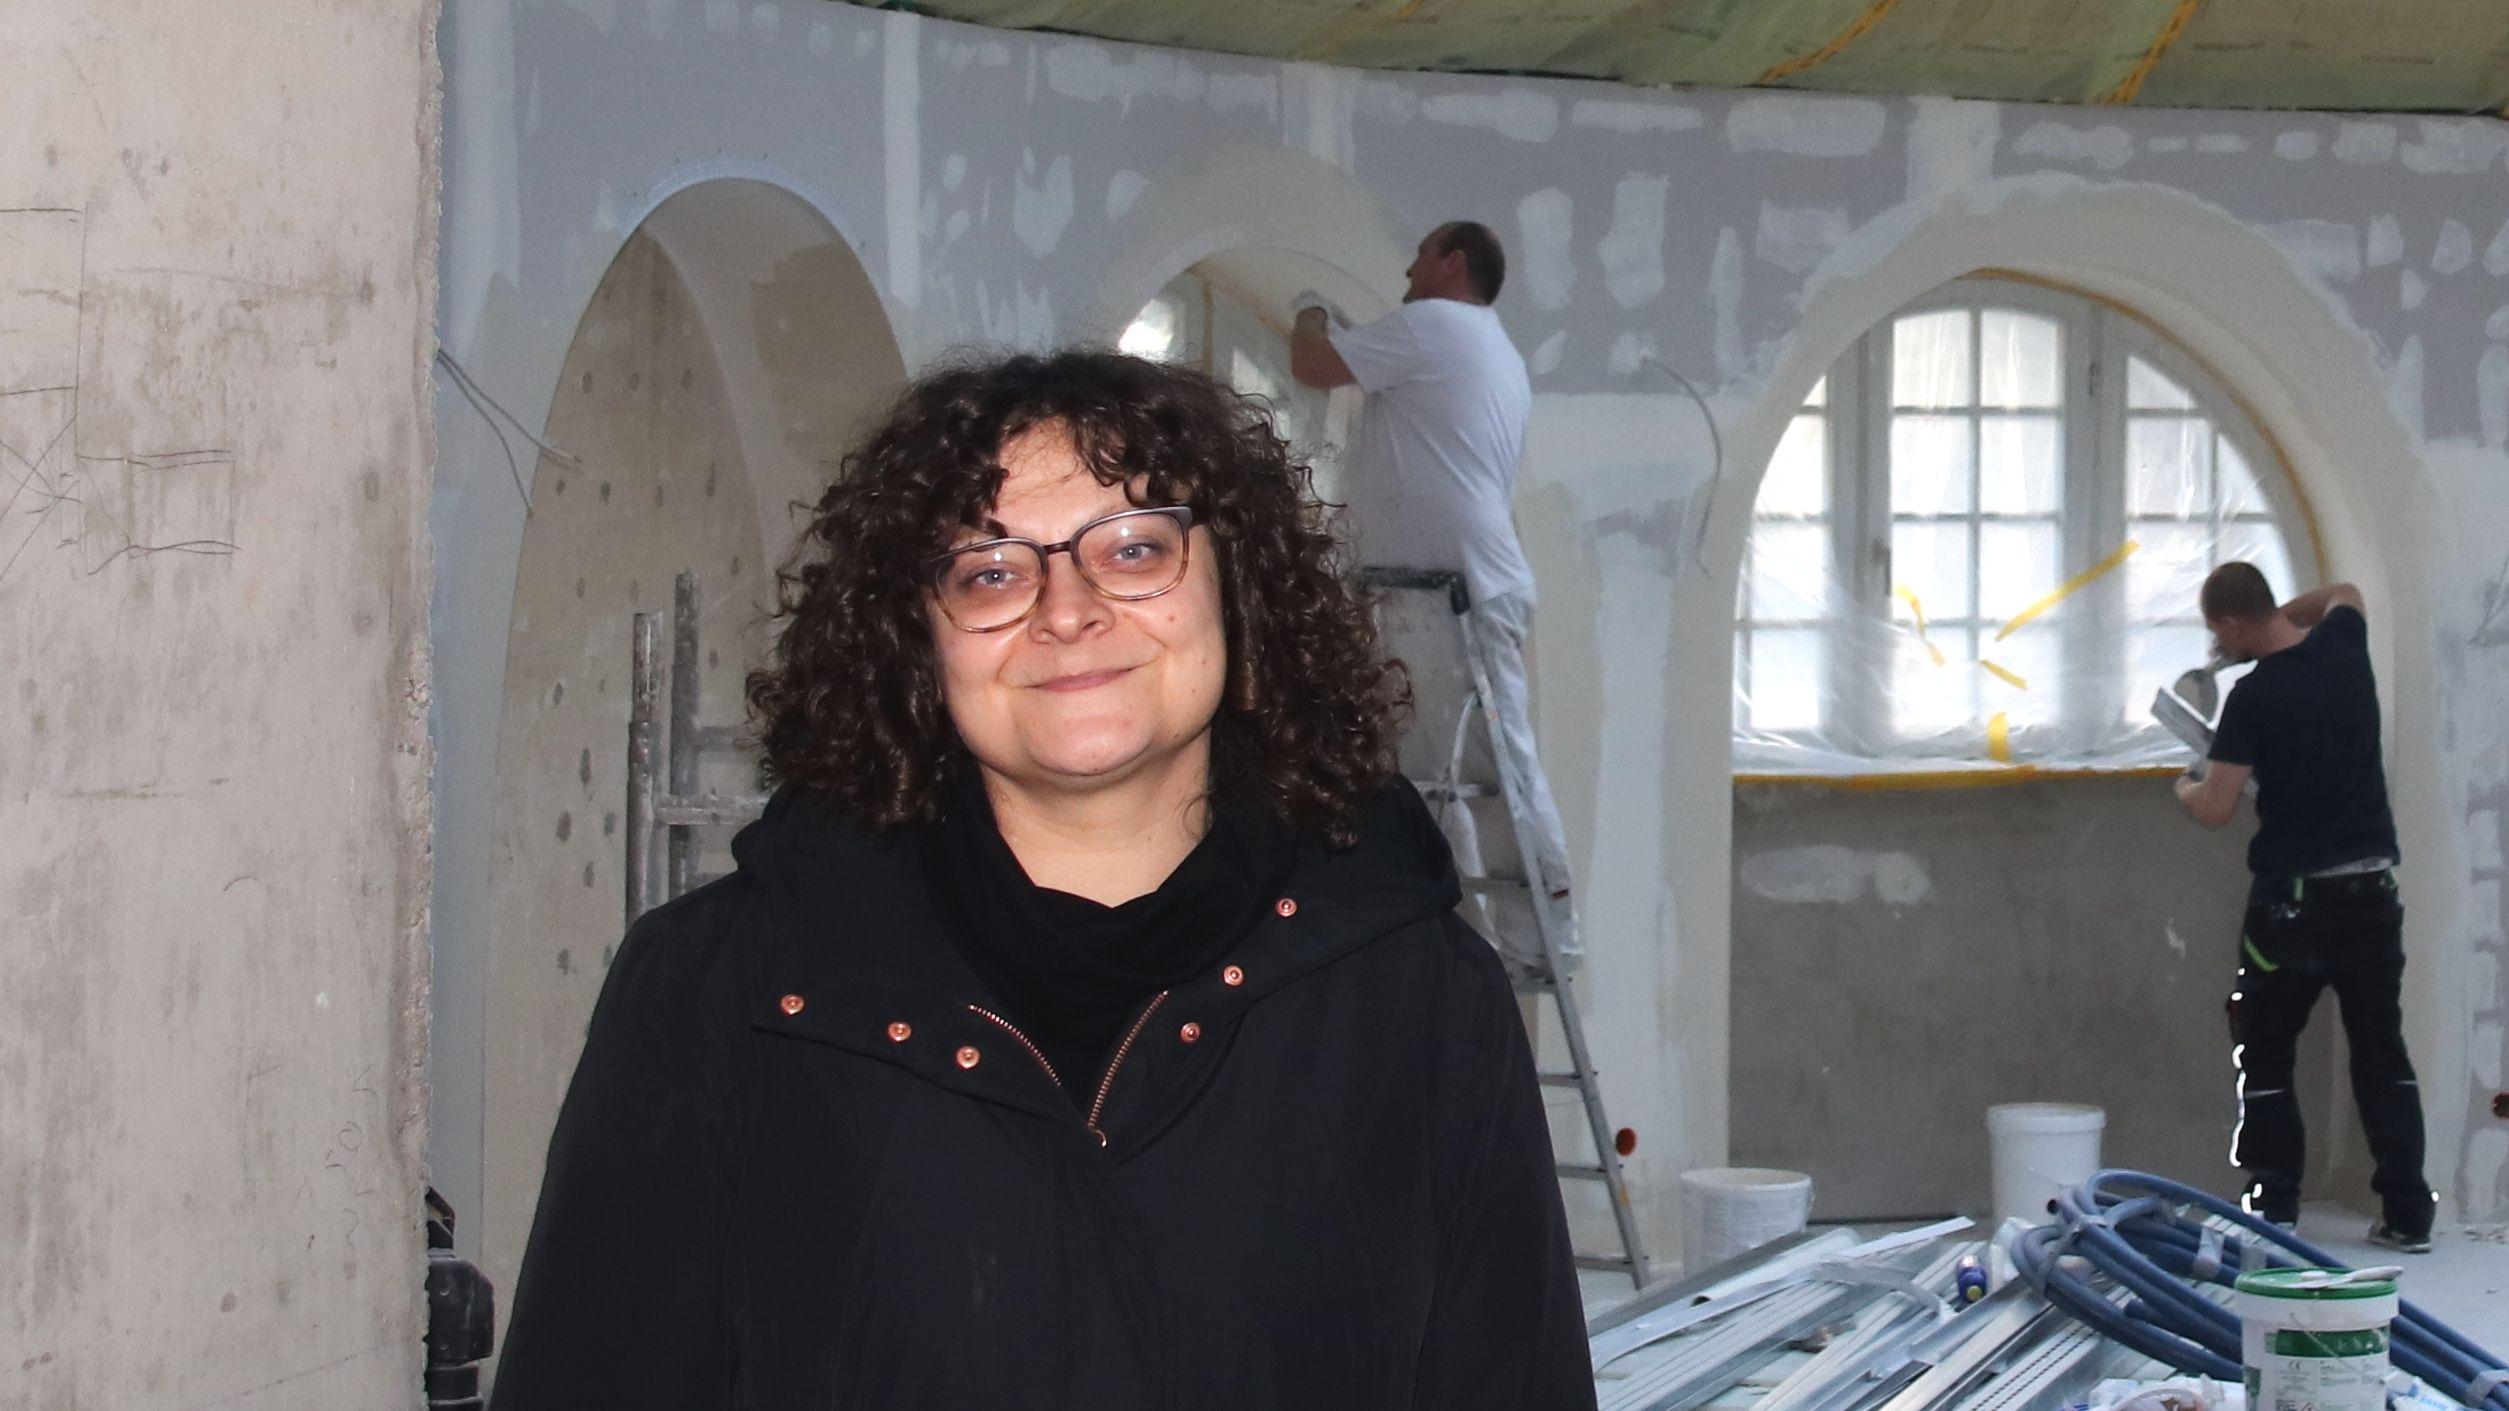 Naturfriseurin Juliette Beke in ihrem künftigen Zero-Waste-Salon